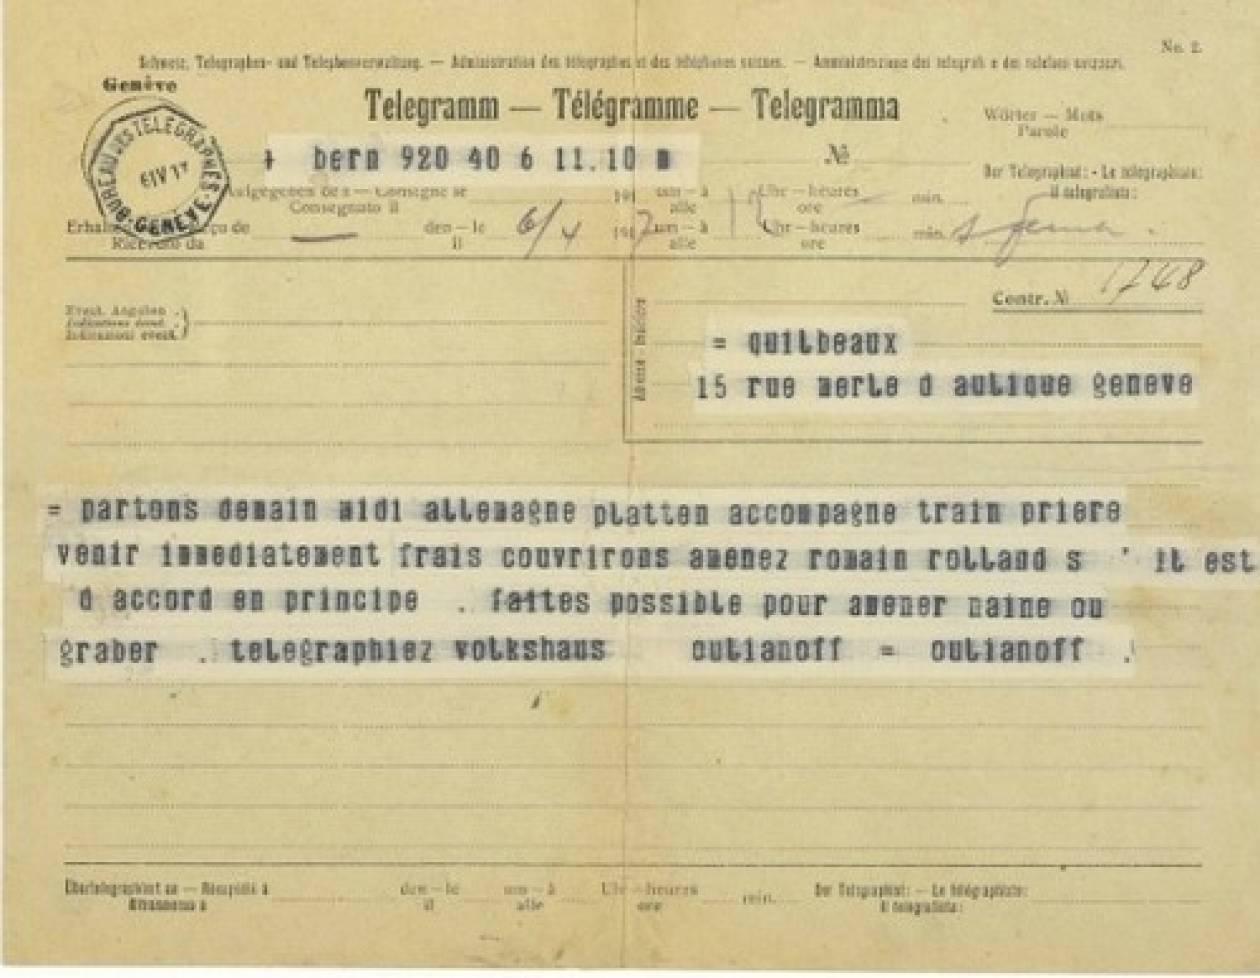 Ρωσία: 60.000 ευρώ για ένα ιστορικό τηλεγράφημα